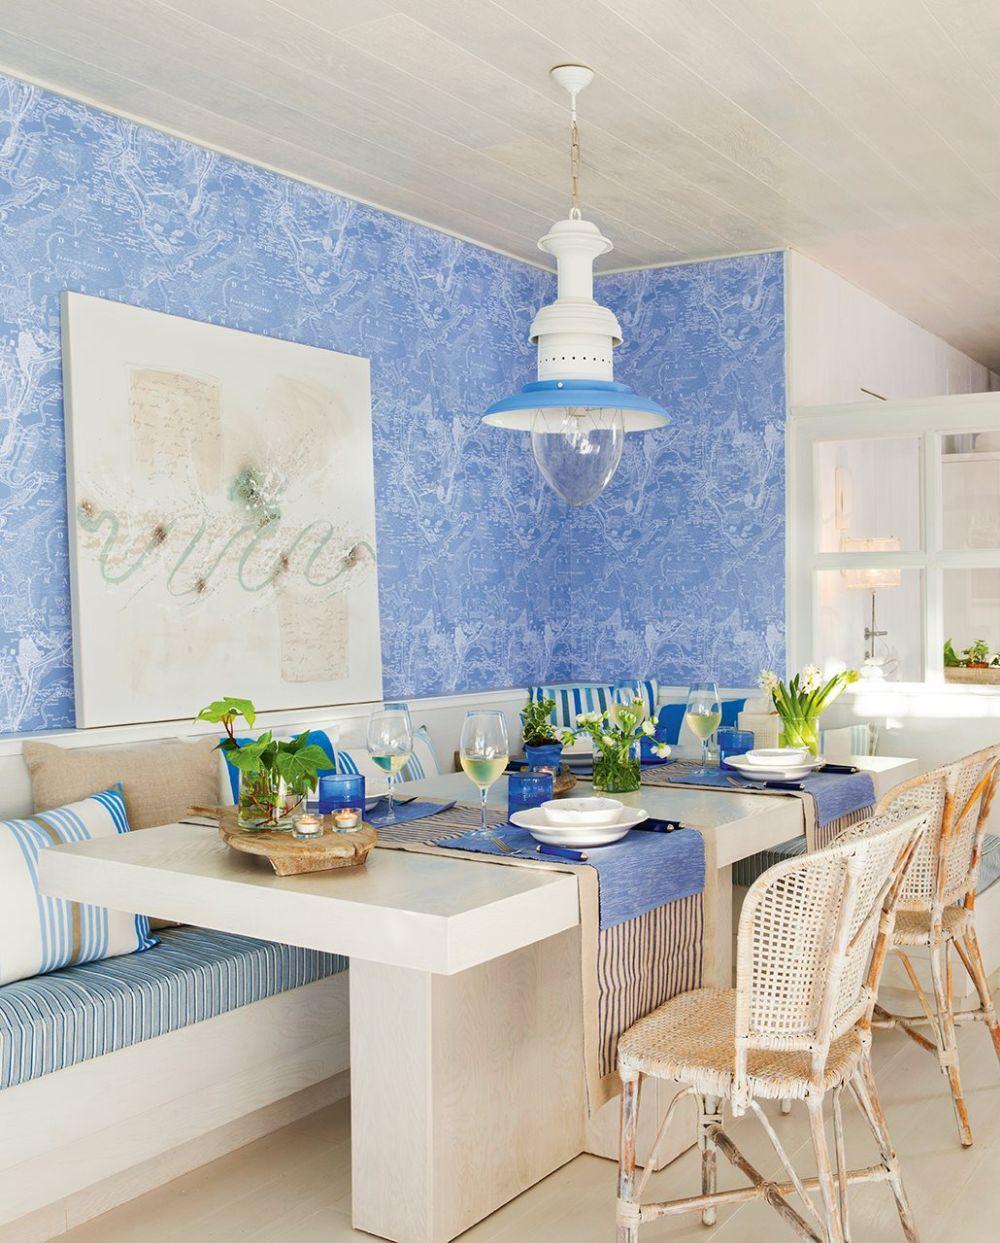 adelaparvu.com despre apartament 95 mp, Barcelona, designer Gemma Gallego, Foto ElMueble, Pepa Oromi (5)